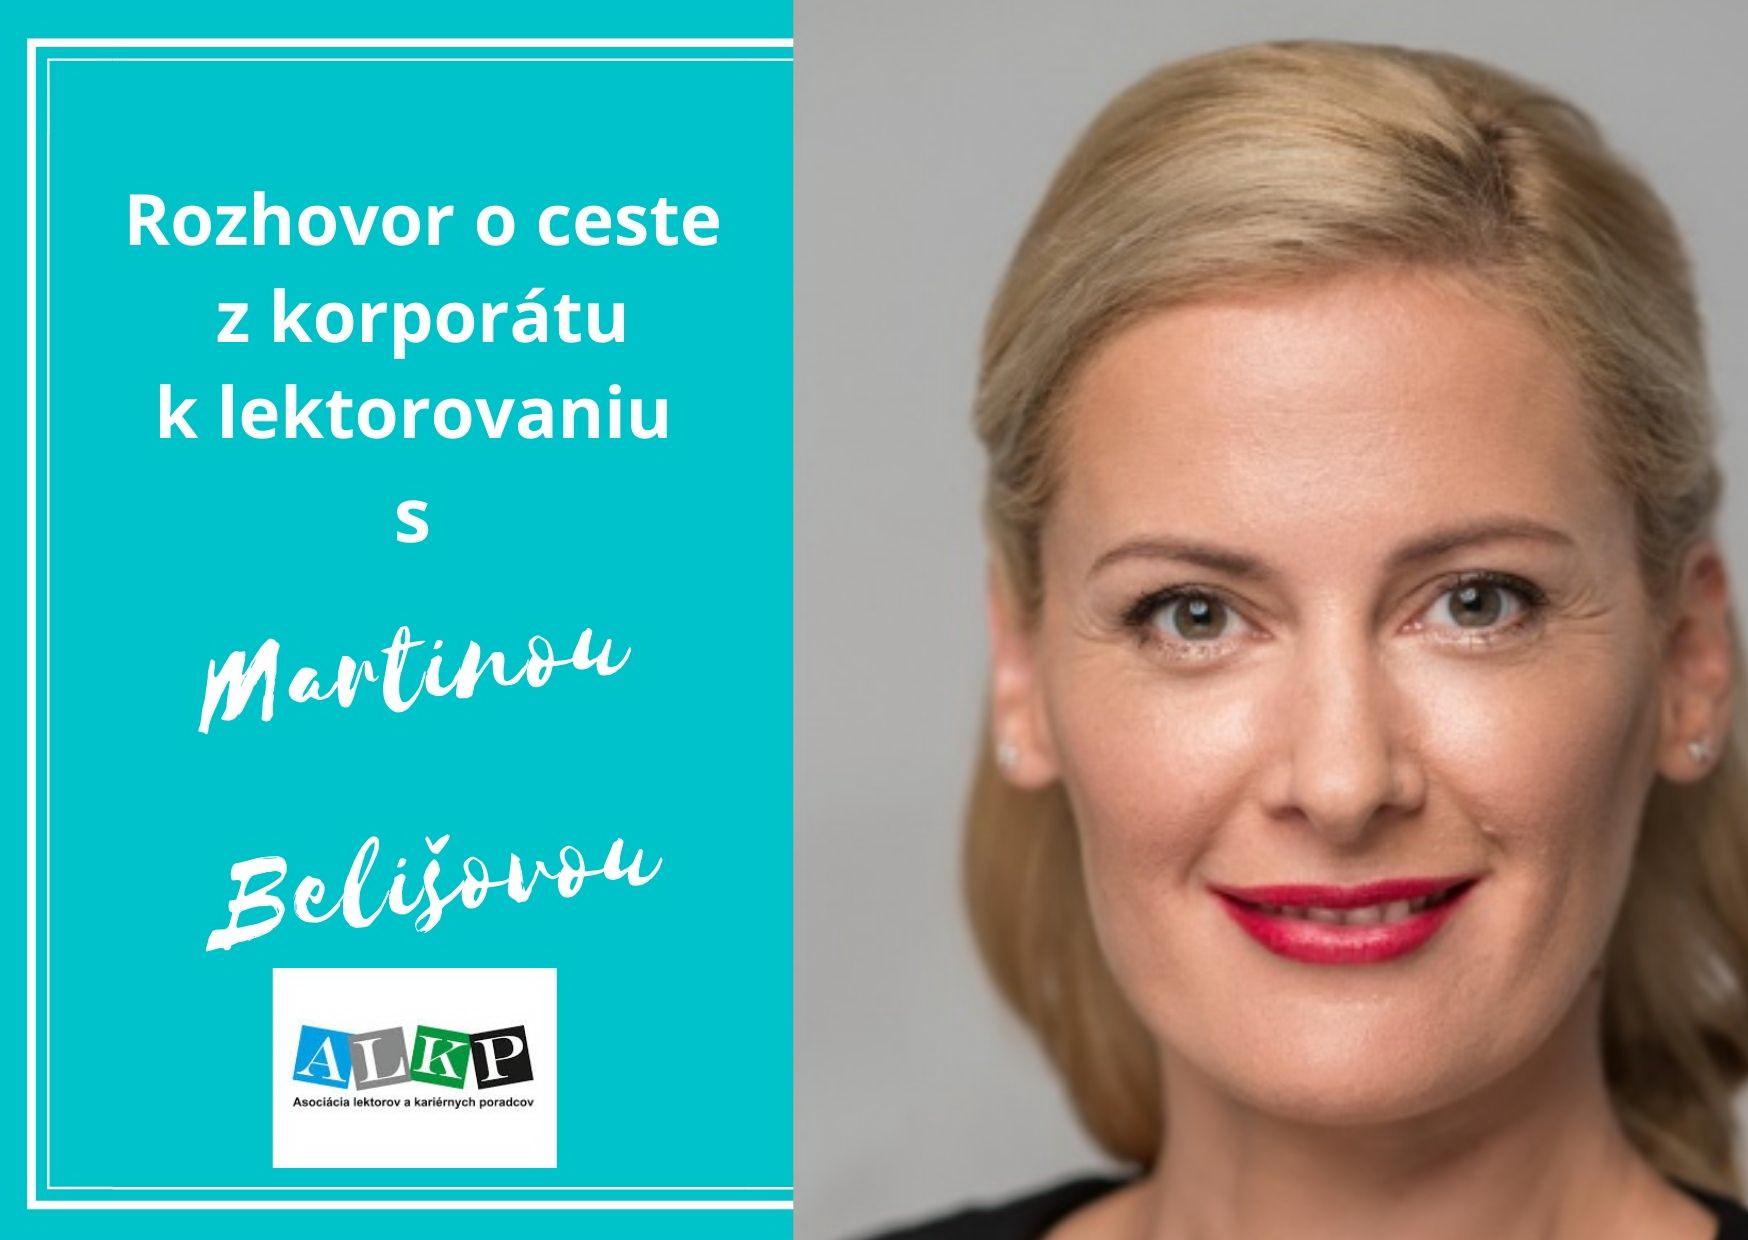 Rozhovor s Martinou Belišovou – o ceste z korporátu k lektorovaniu